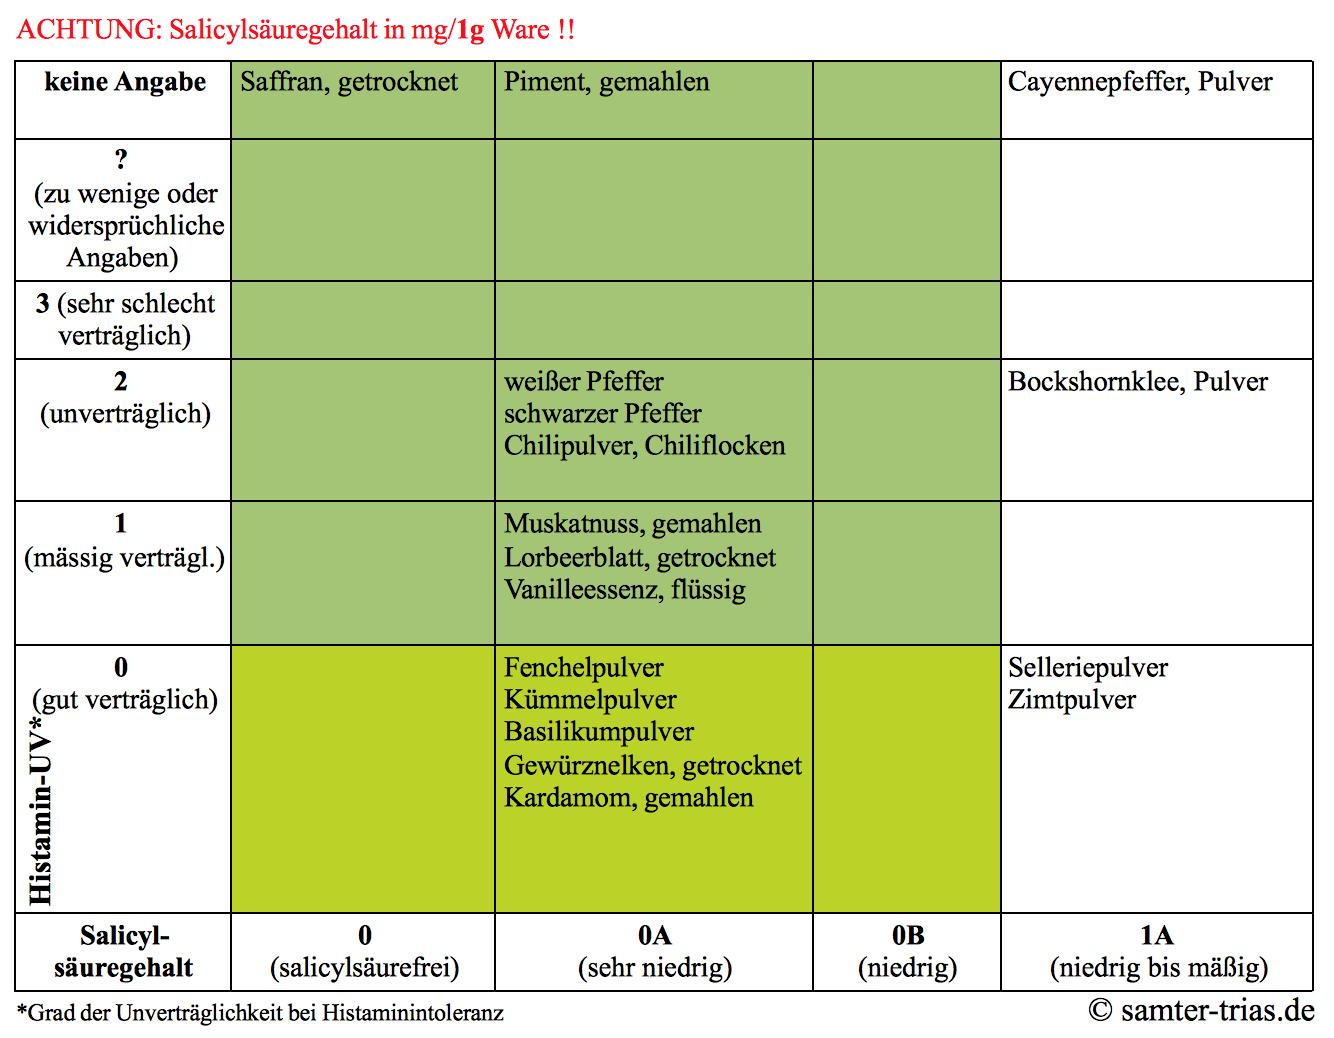 Tabelle zum Salicylsäure- und Histamingehalt von Gewürzen